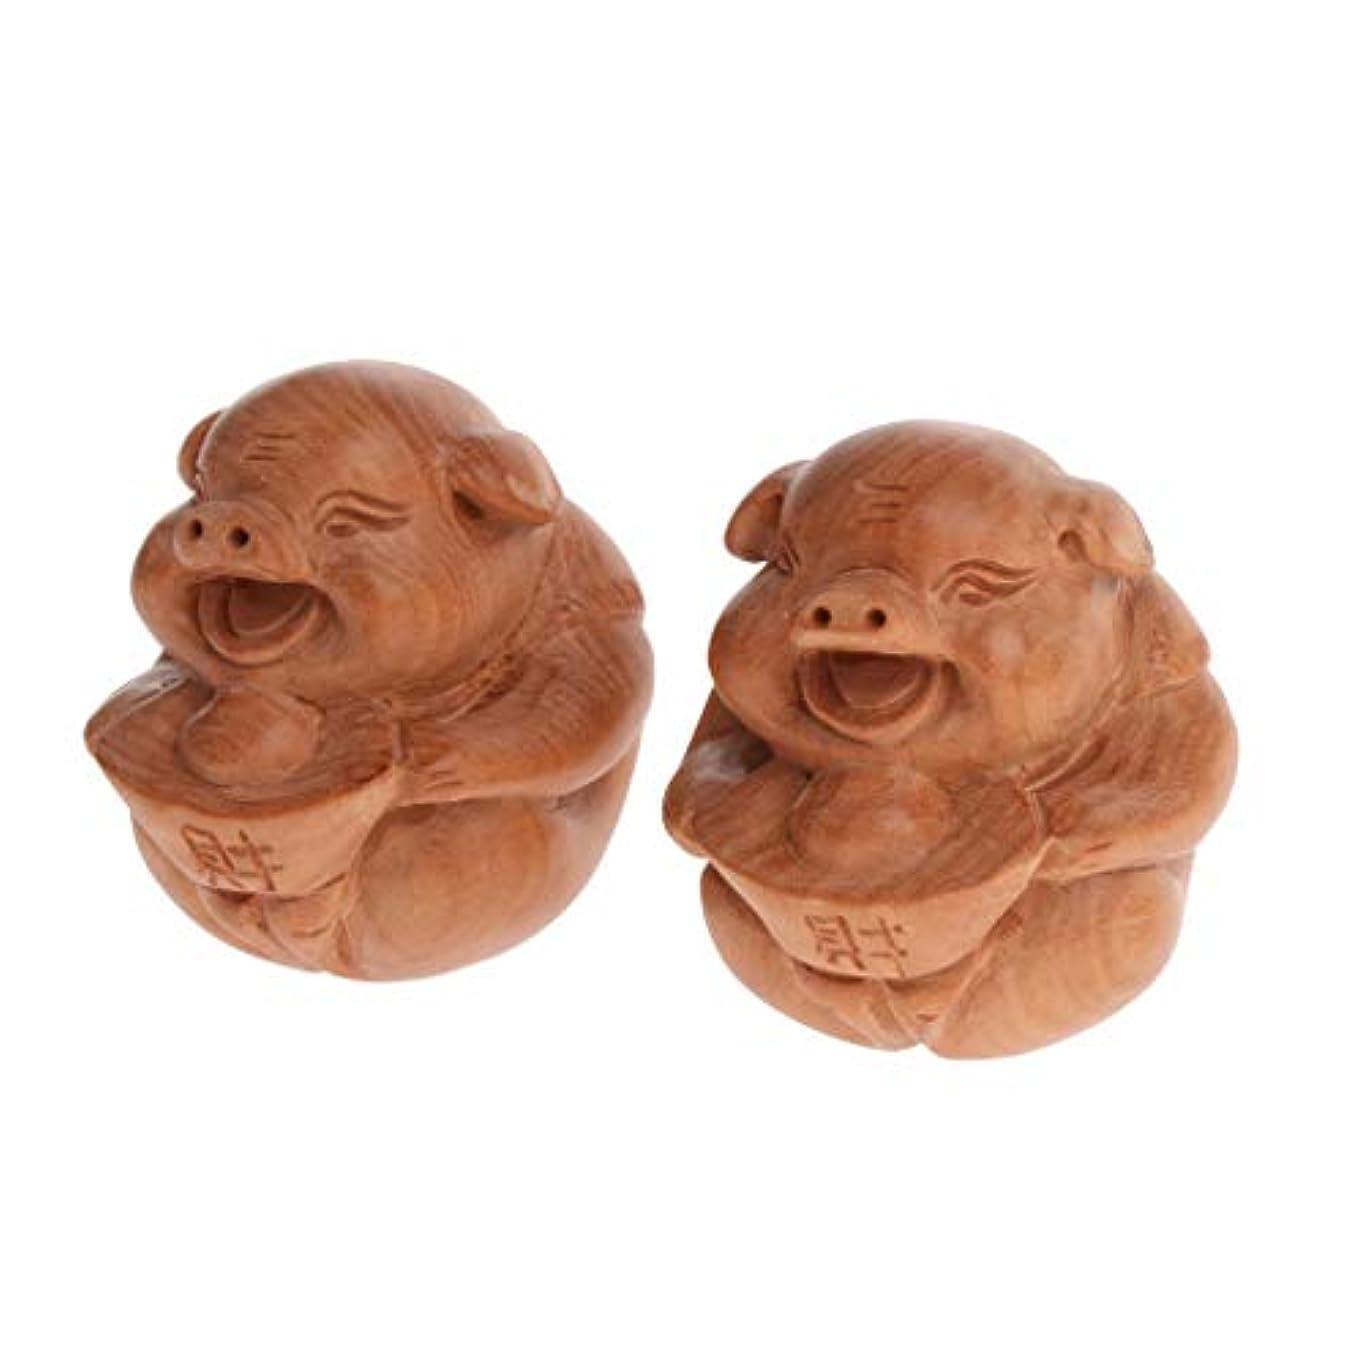 dailymall 1ペア木製中国健康運動ストレスリラクゼーション療法保定ボール